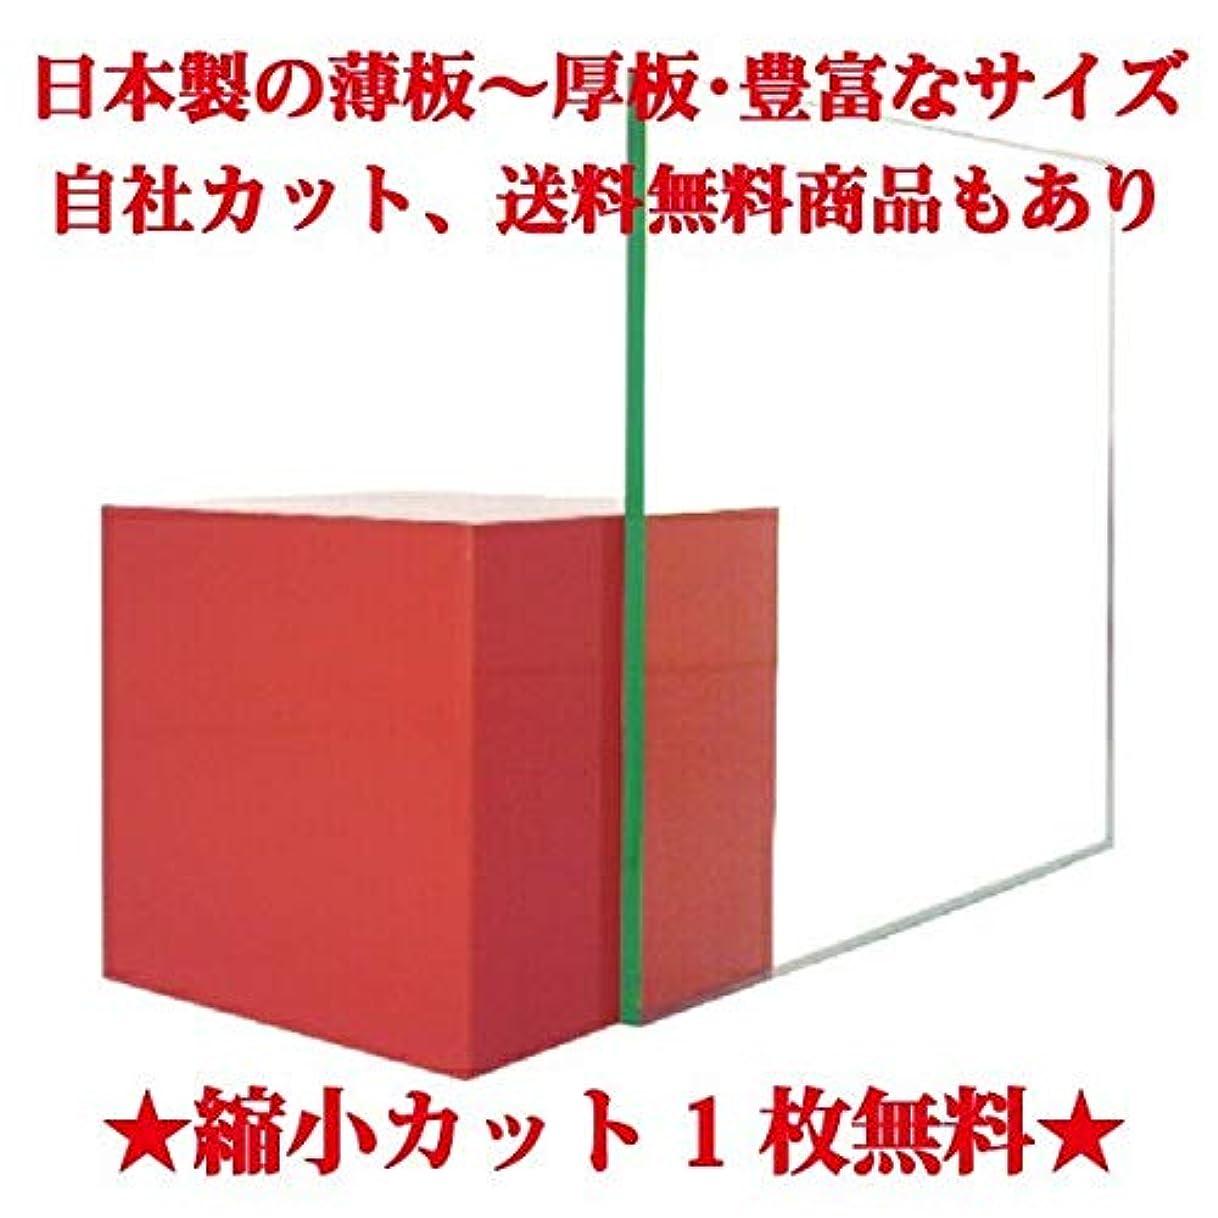 スカルク哲学的窓日本製 アクリル板 ガラス色(押出板) 厚み3mm 200X300mm 縮小カット1枚無料 カンナ?糸面取り仕上(エッジで手を切る事はありません)(業務用?キャンセル返品不可)